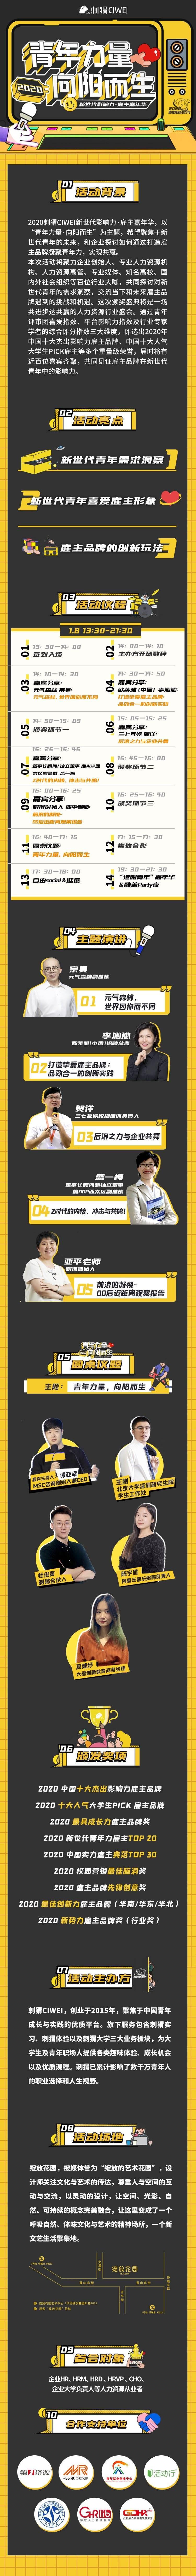 (新活动行)雇主嘉年华长图 1230.png